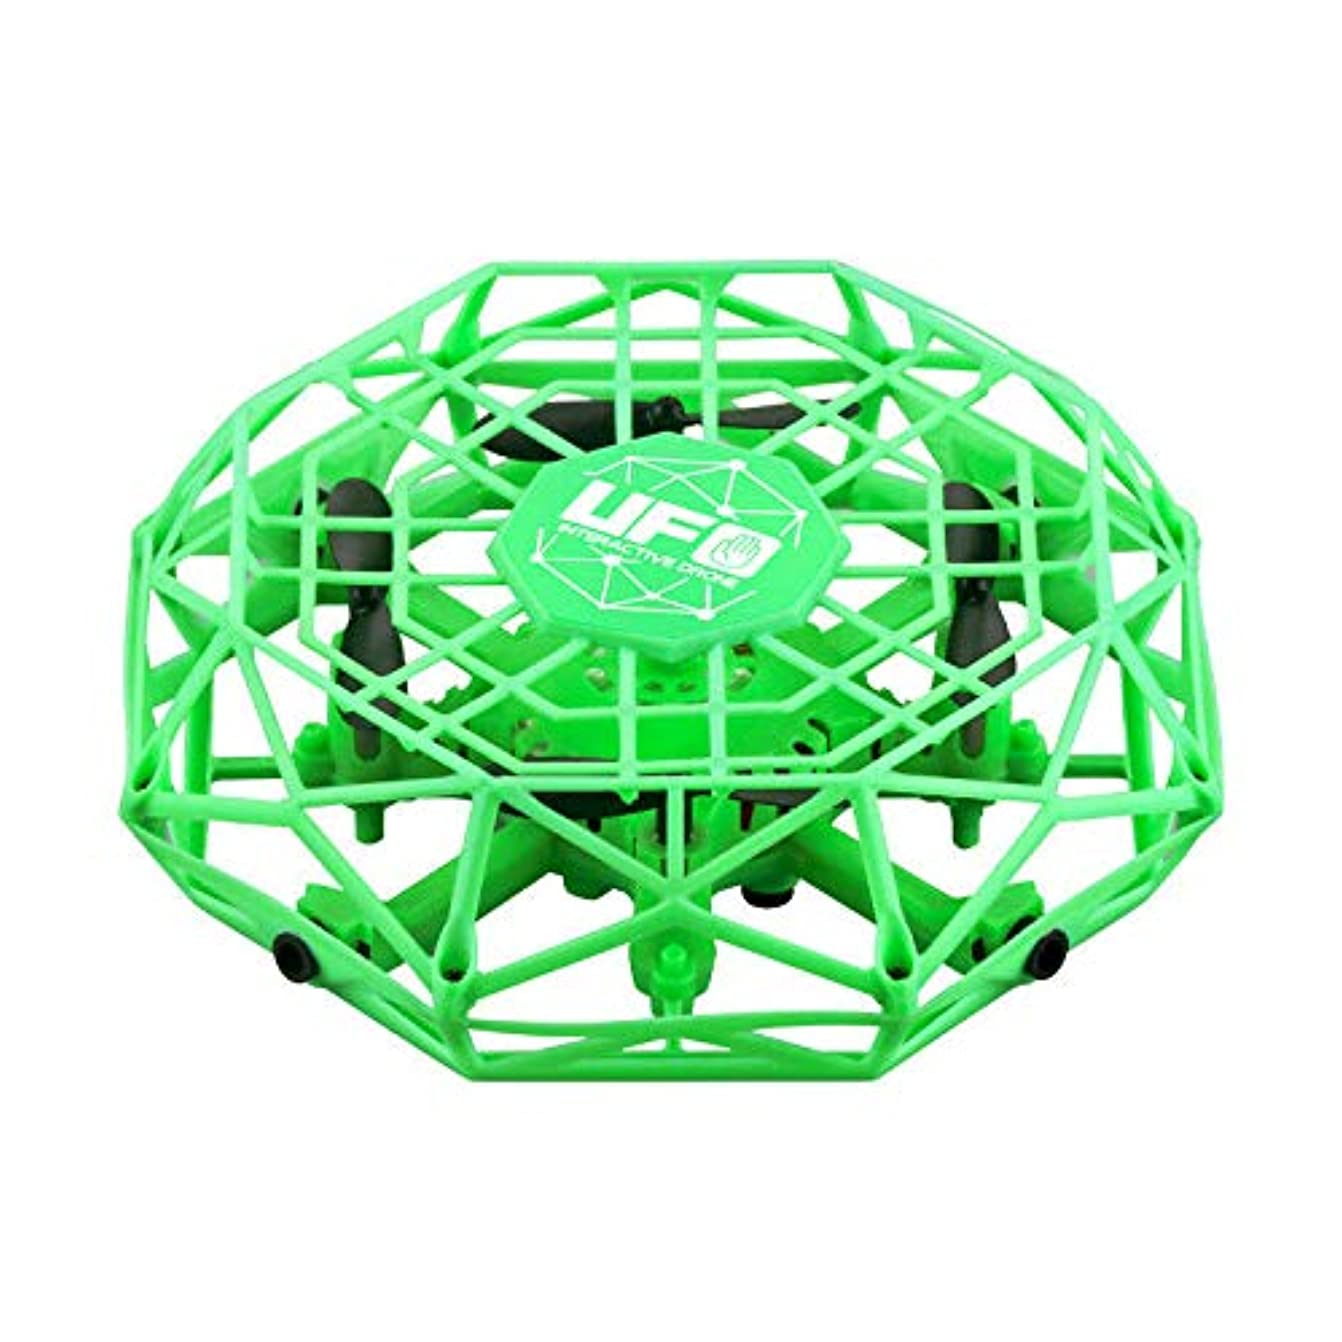 取るに足らない独立した近くインテリジェントドローン インテリジェント UFO ジェスチャー 4軸 障害避け誘導 飛行機 ヘリコプター おもちゃ 子供へのギフト 緑